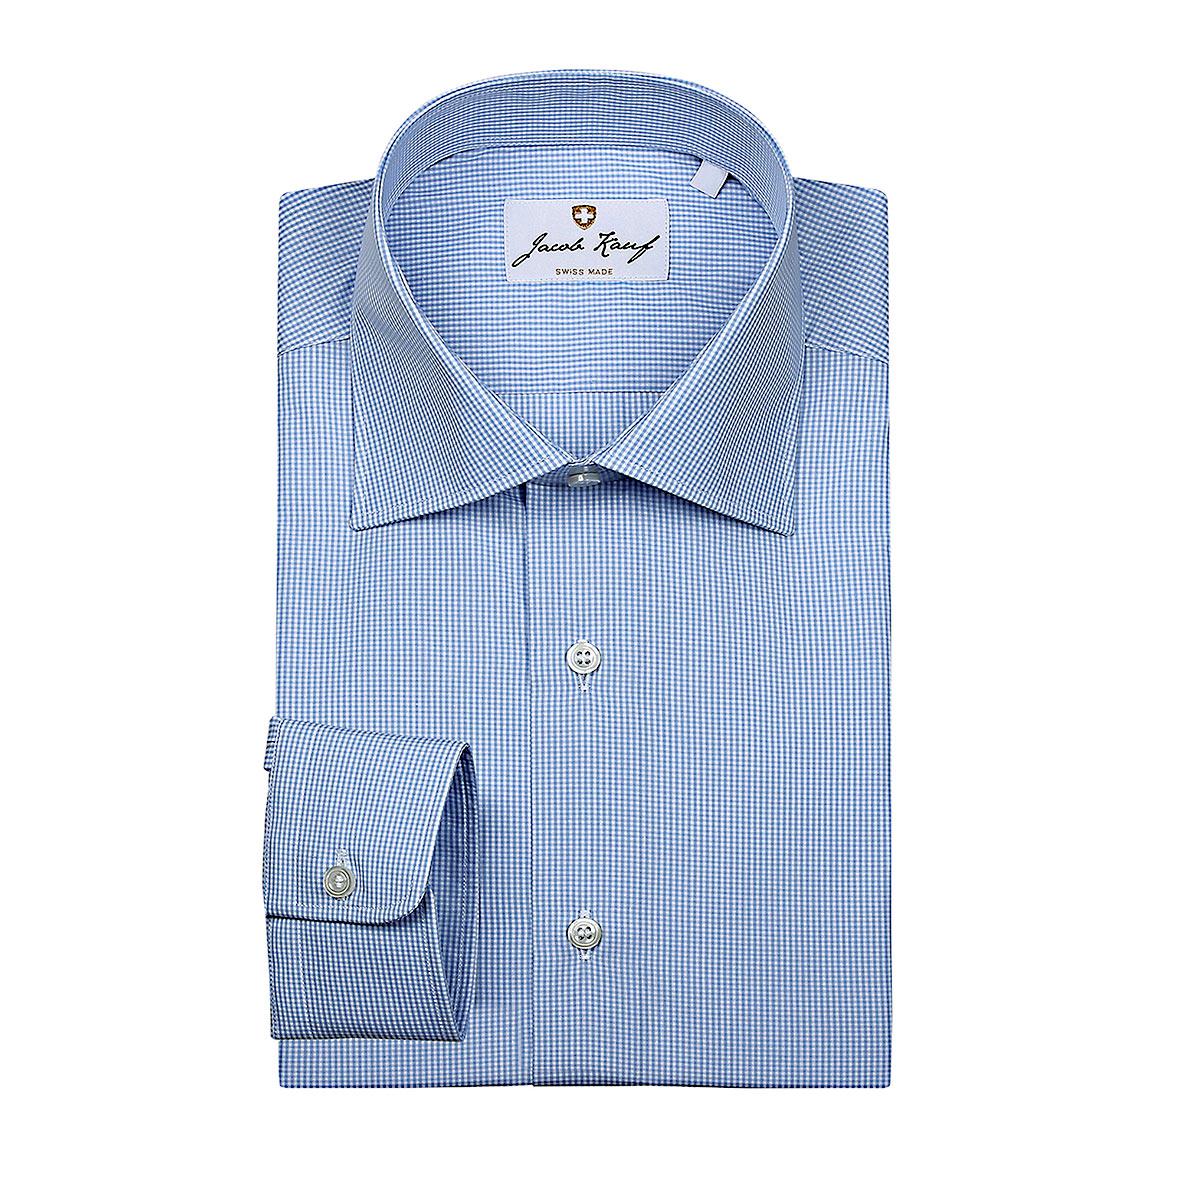 Schweizer Hemd Jacob Kauf, fein kariert, blau-weiss